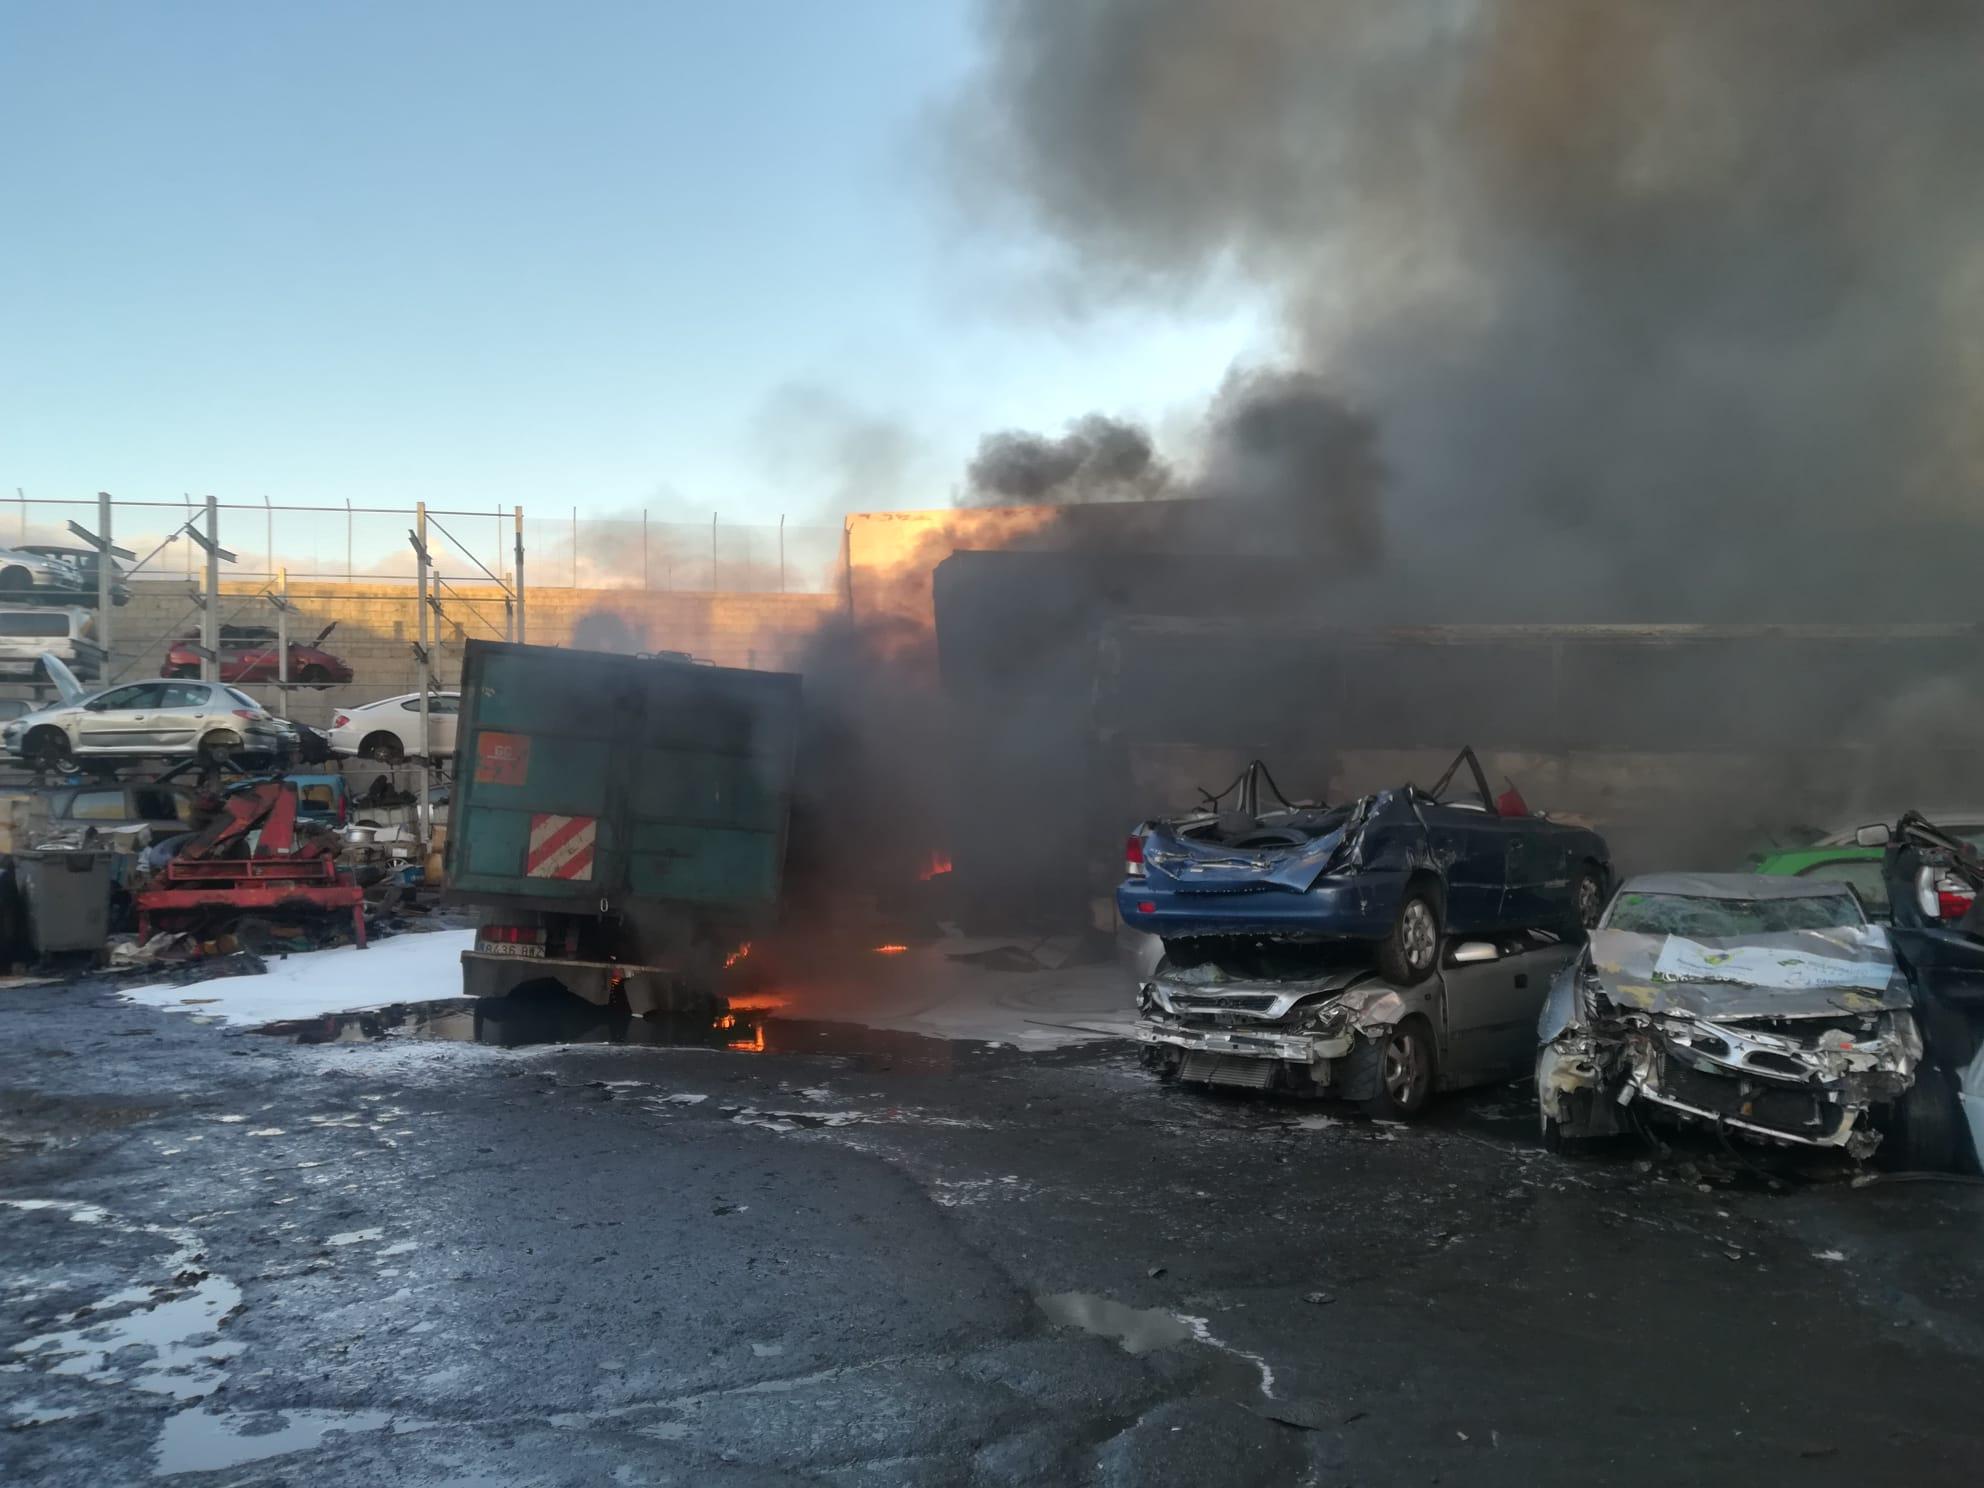 Controlado el incendio de la chatarrería del polígono industrial Las Torres de Las Palmas de Gran Canaria